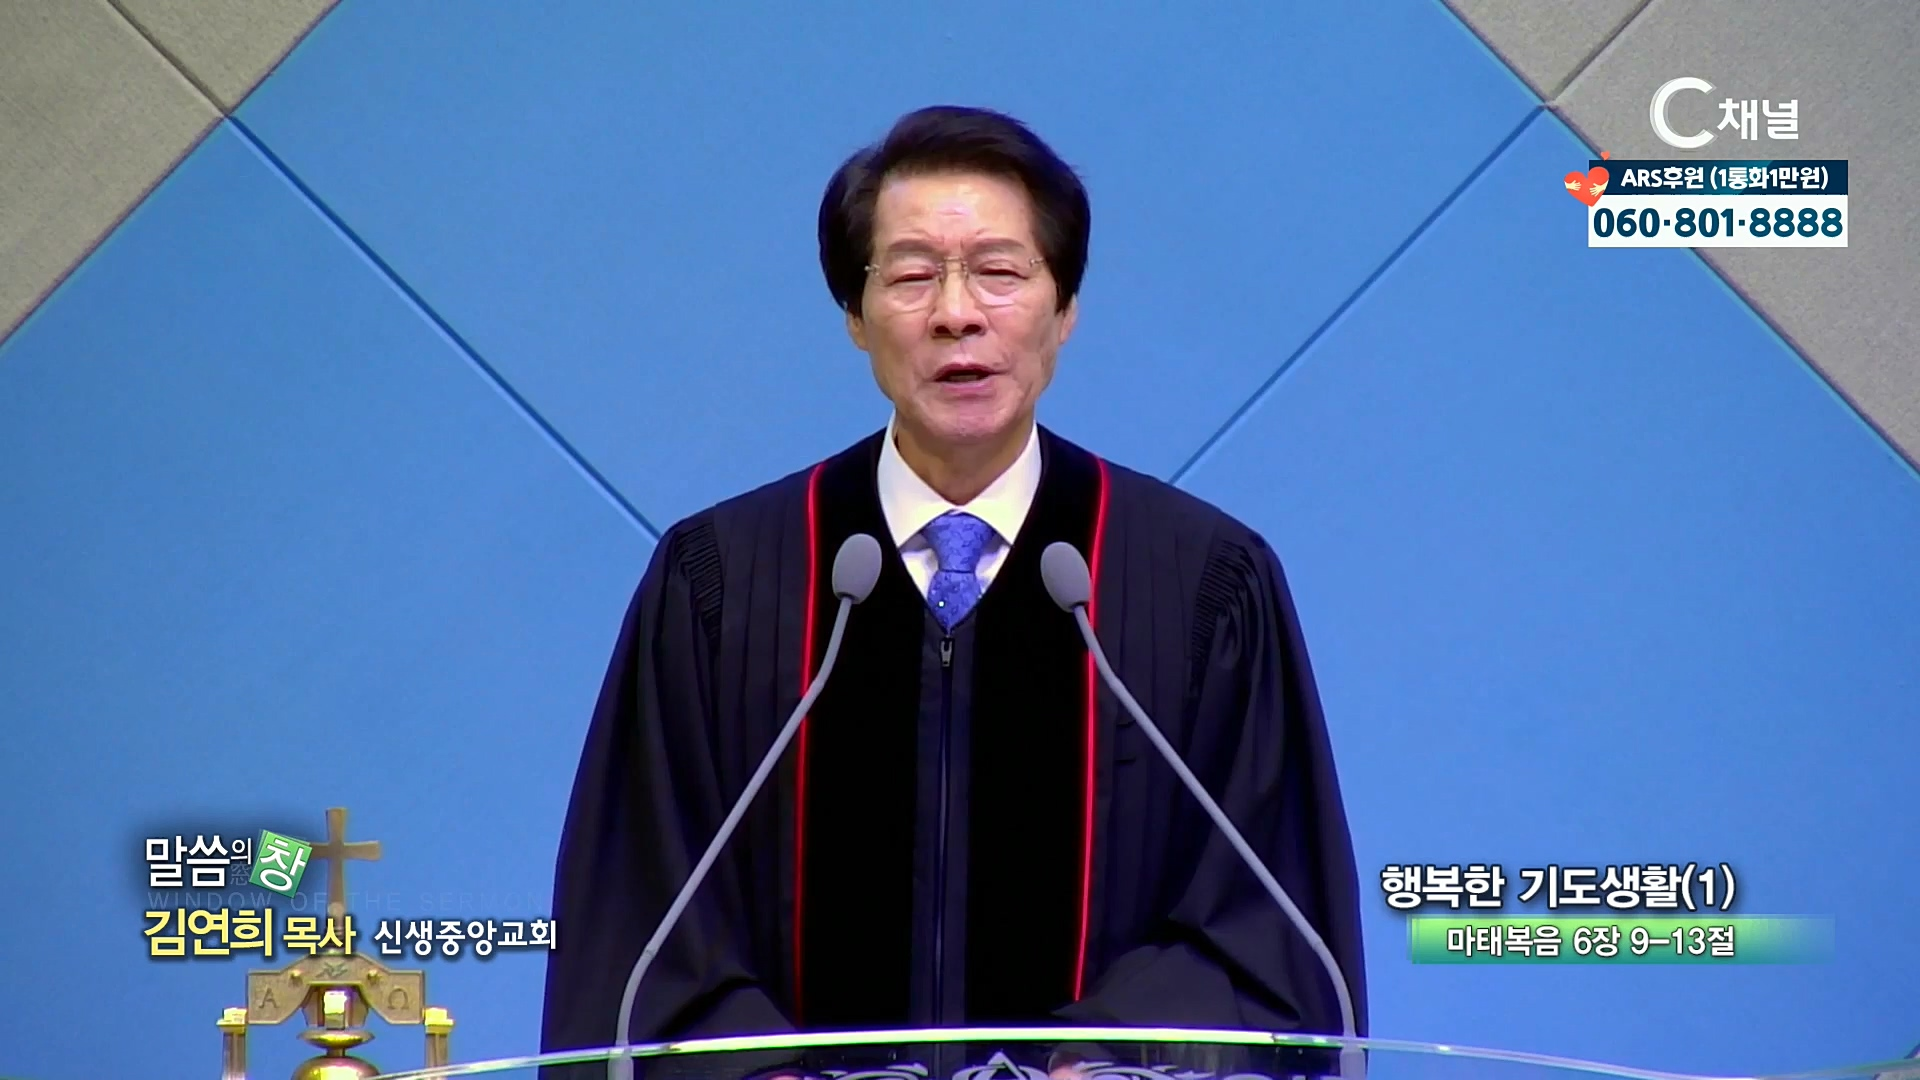 신생중앙교회 김연희 목사 - 행복한 기도생활(1)